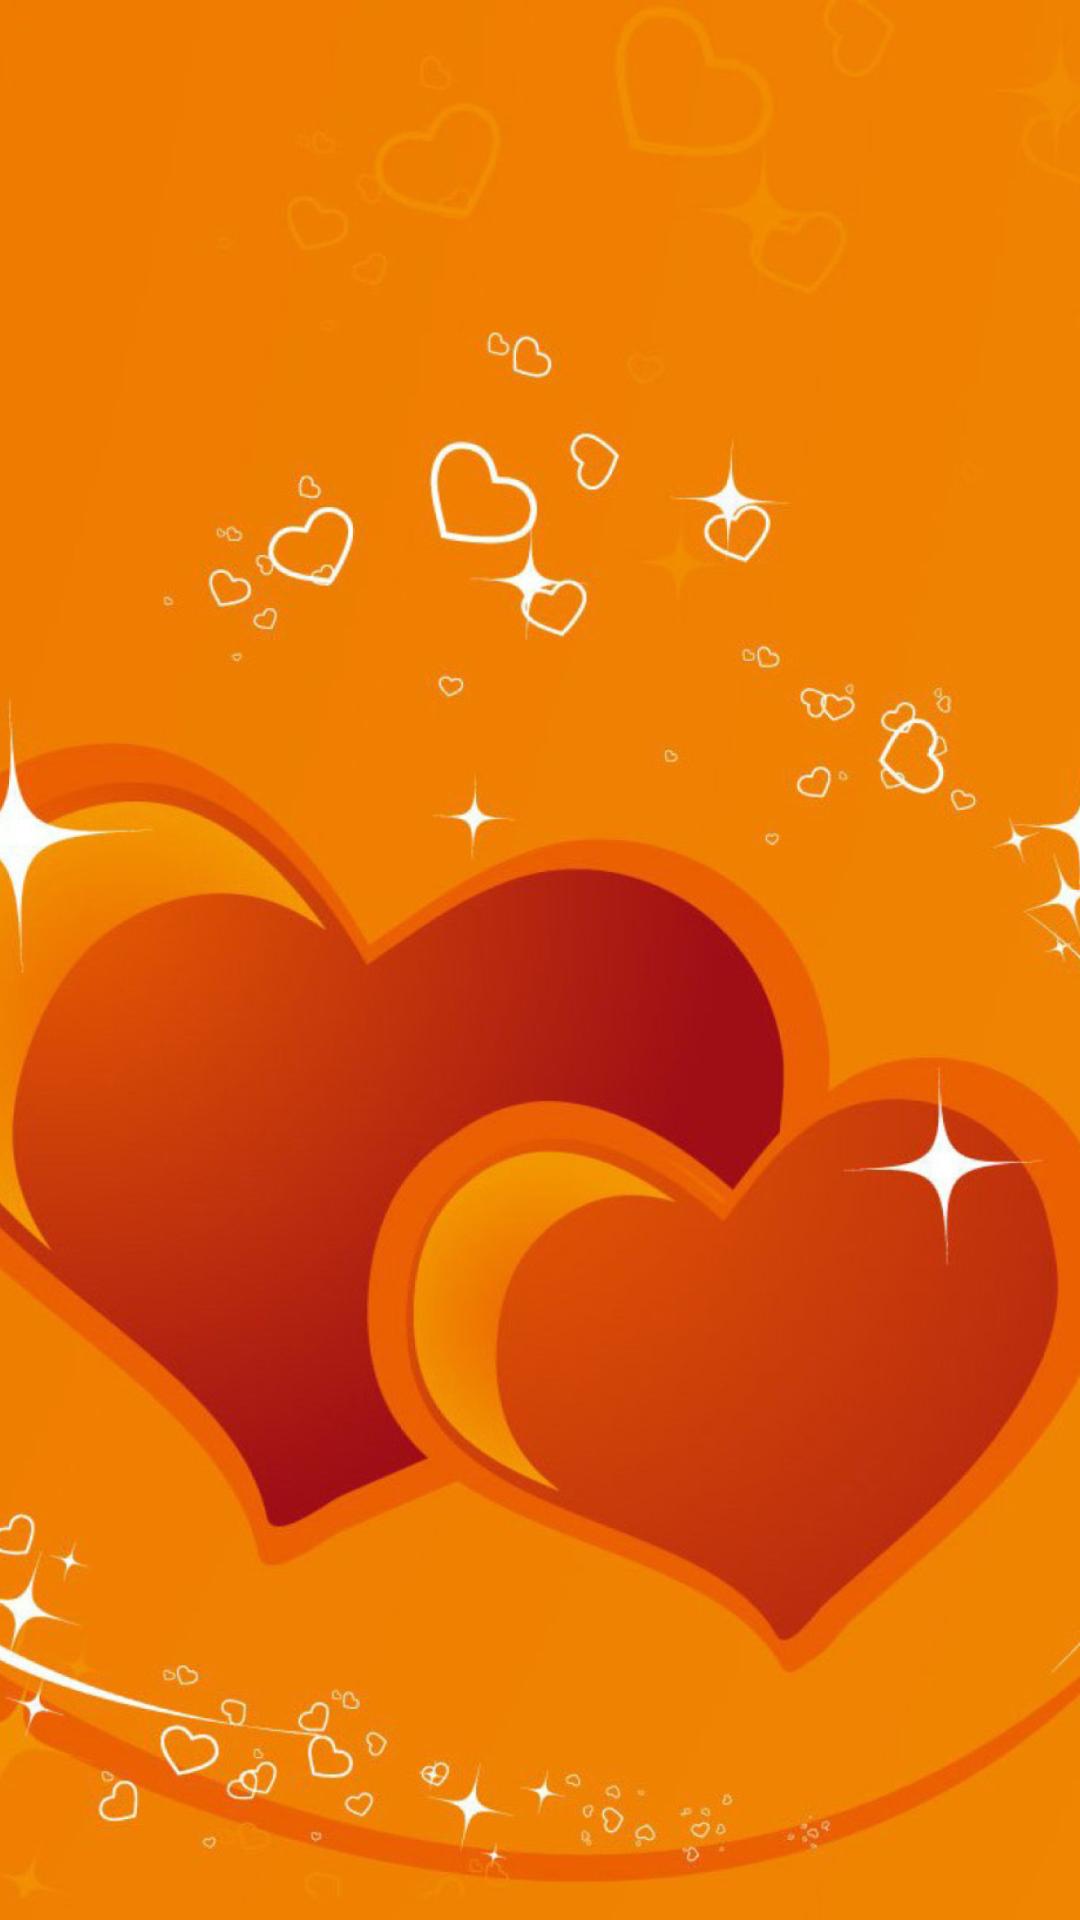 Открытки, картинка с сердечками на телефон